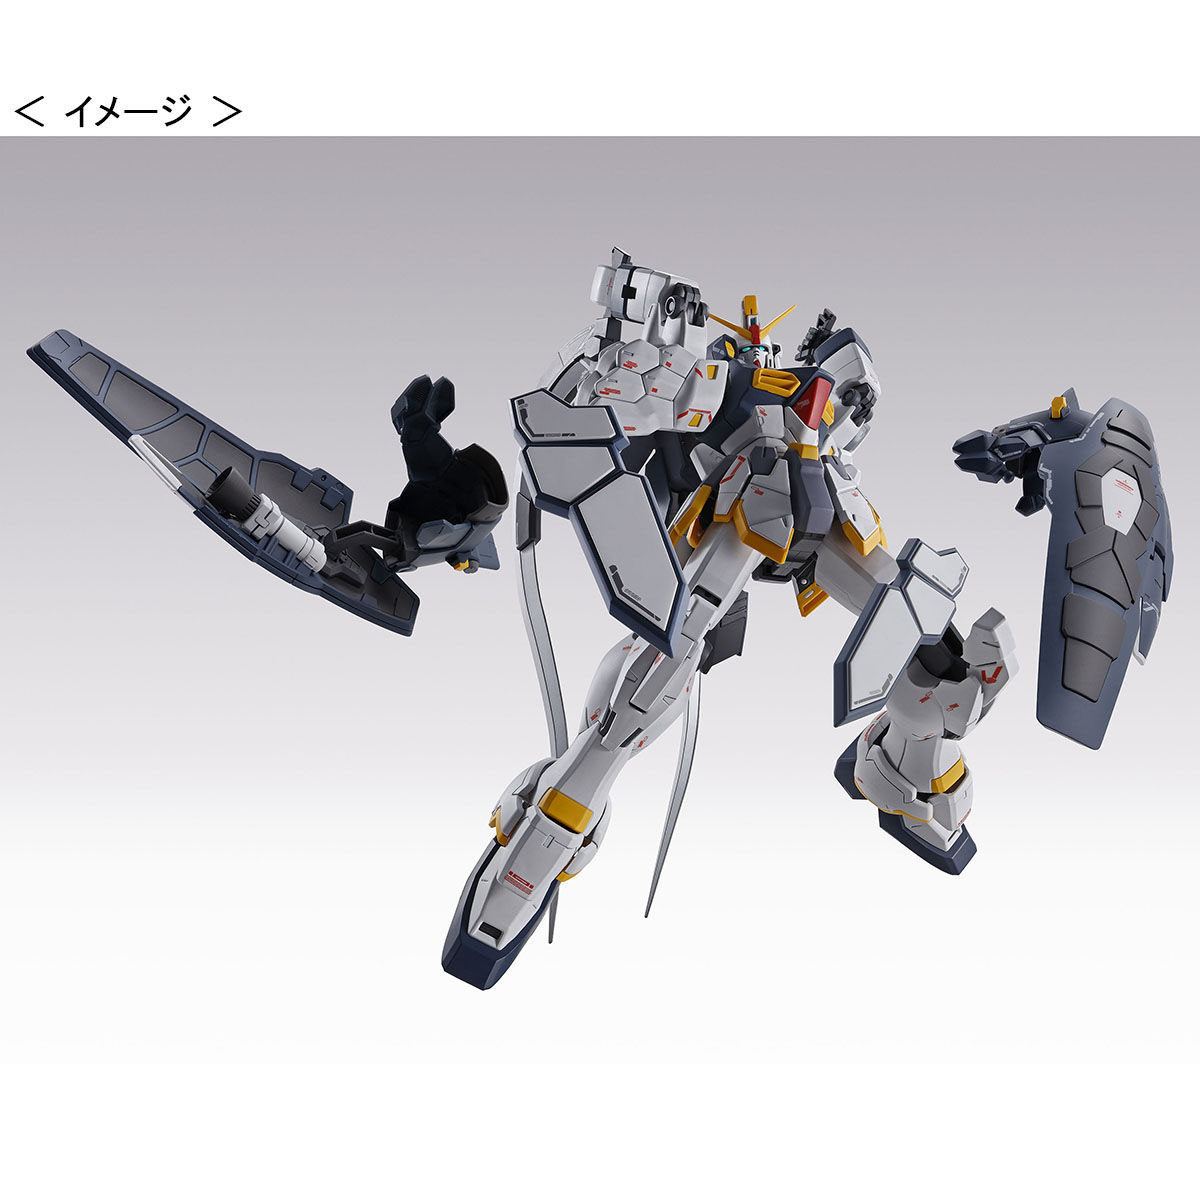 【限定販売】MG 1/100『ガンダムサンドロックEW(アーマディロ装備)』ガンダムW プラモデル-007